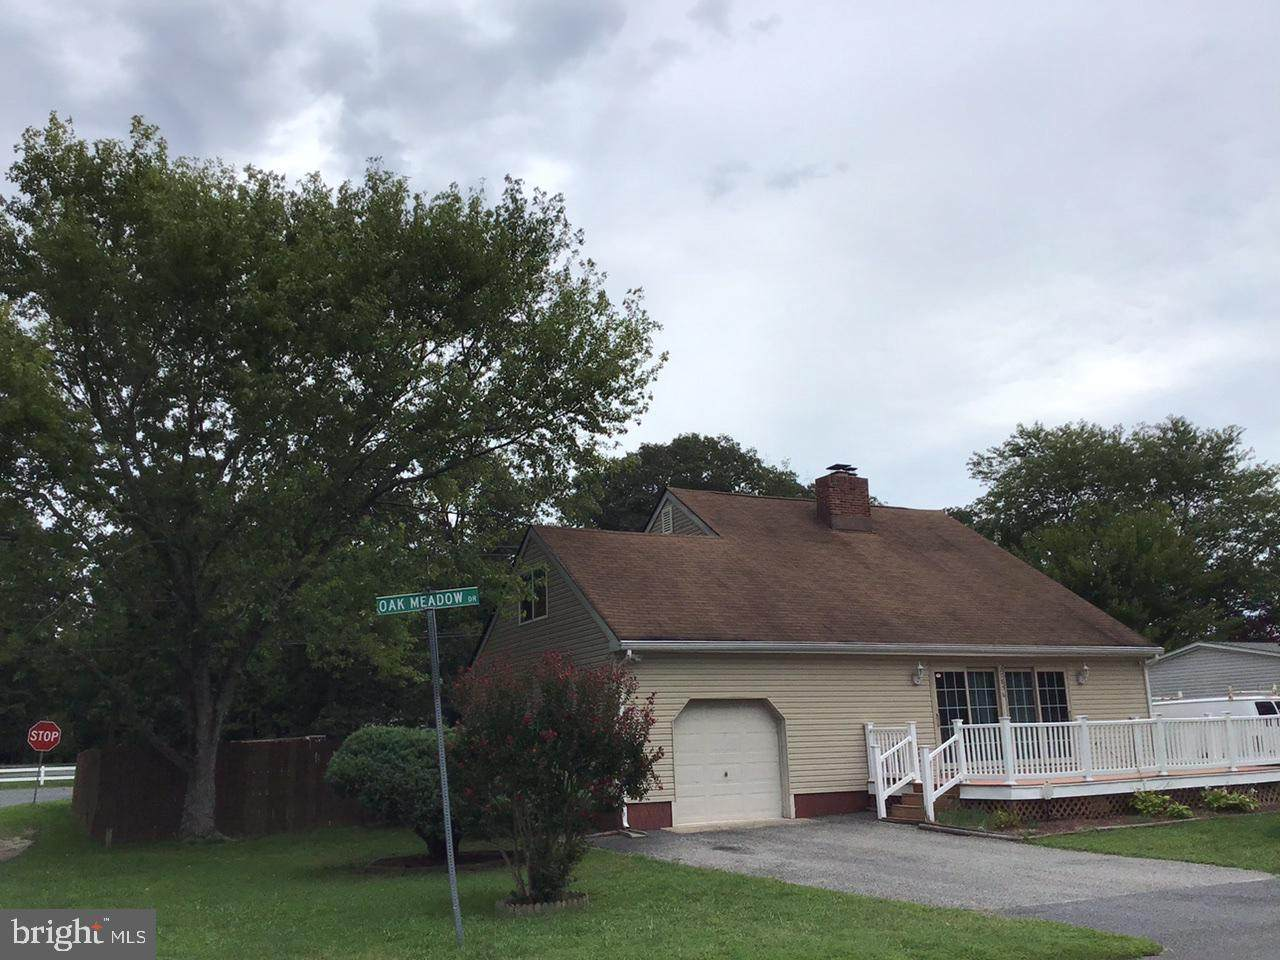 27856 Oak Meadow Drive - Photo 1